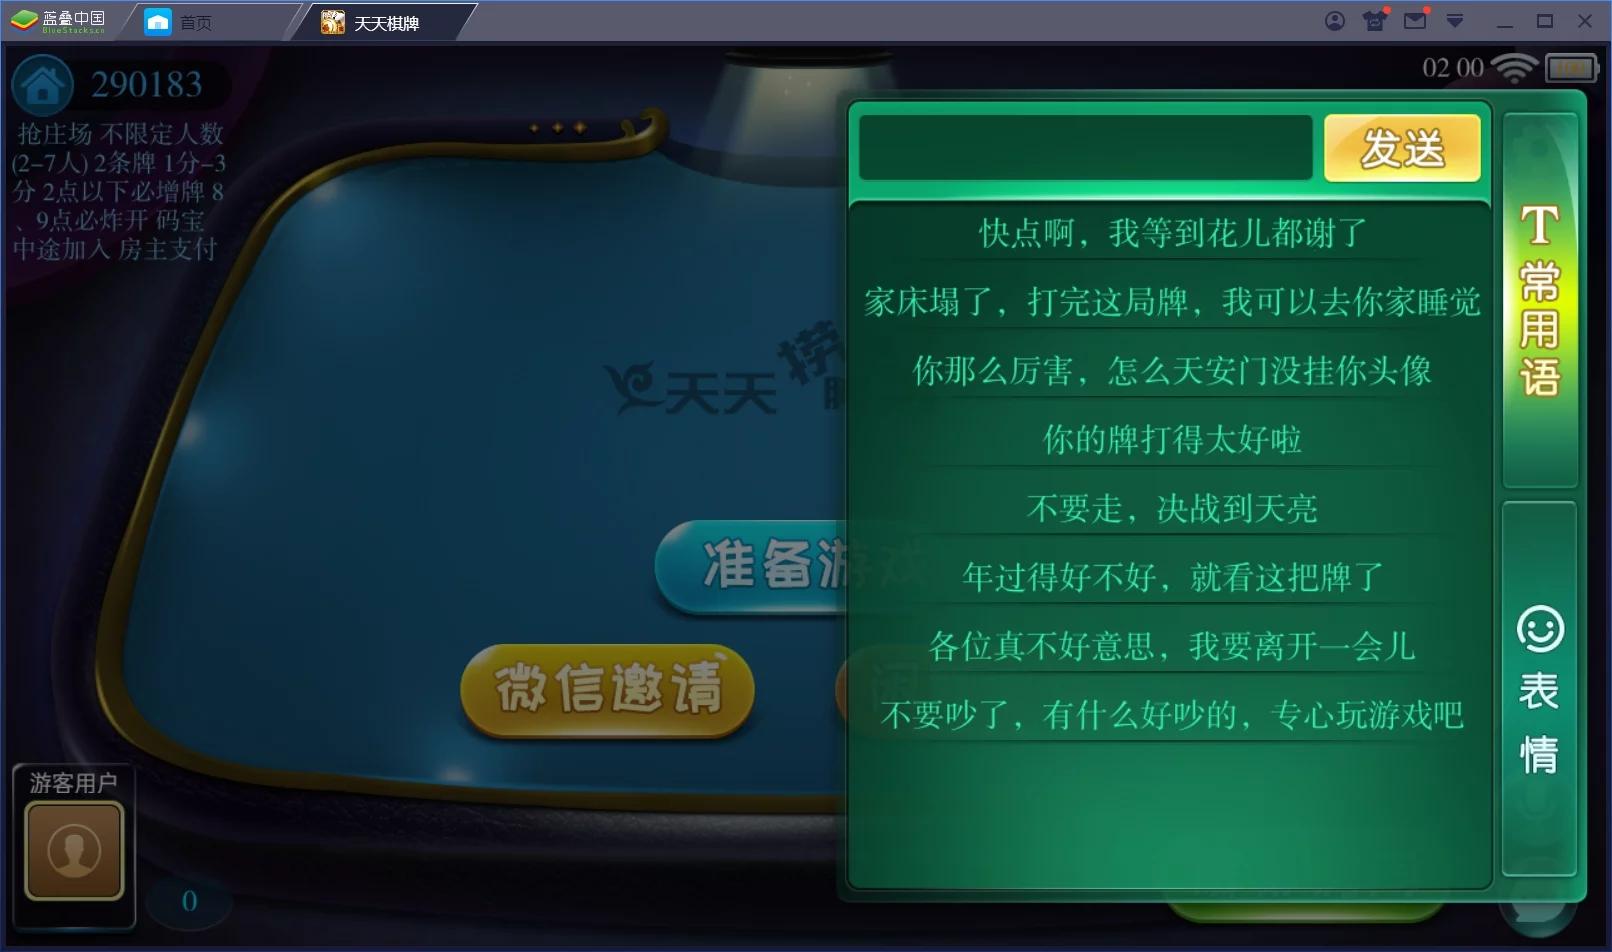 云尖科技 最新天天棋牌房卡游戏平台APP源码 支持俱乐部_亲友圈+完整数据插图(8)